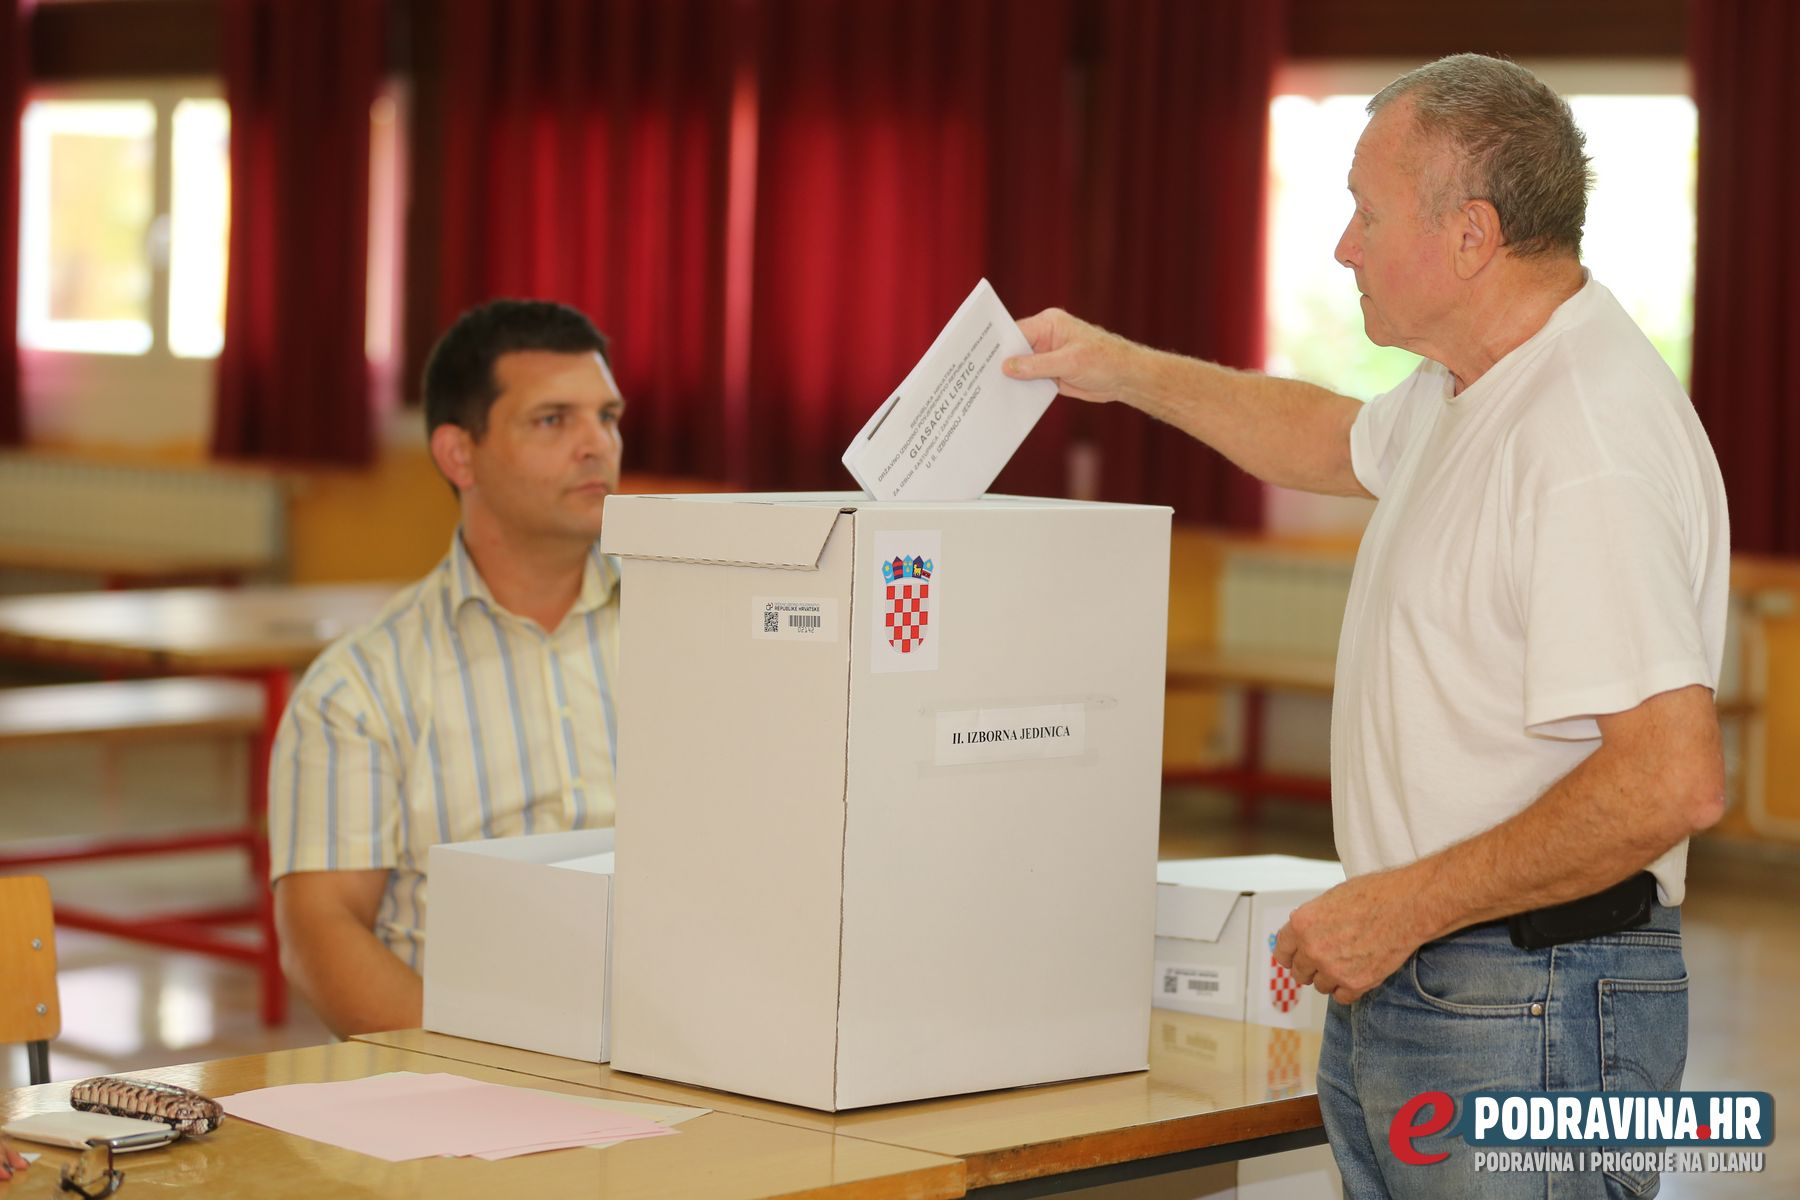 Glasanje iz 14:00